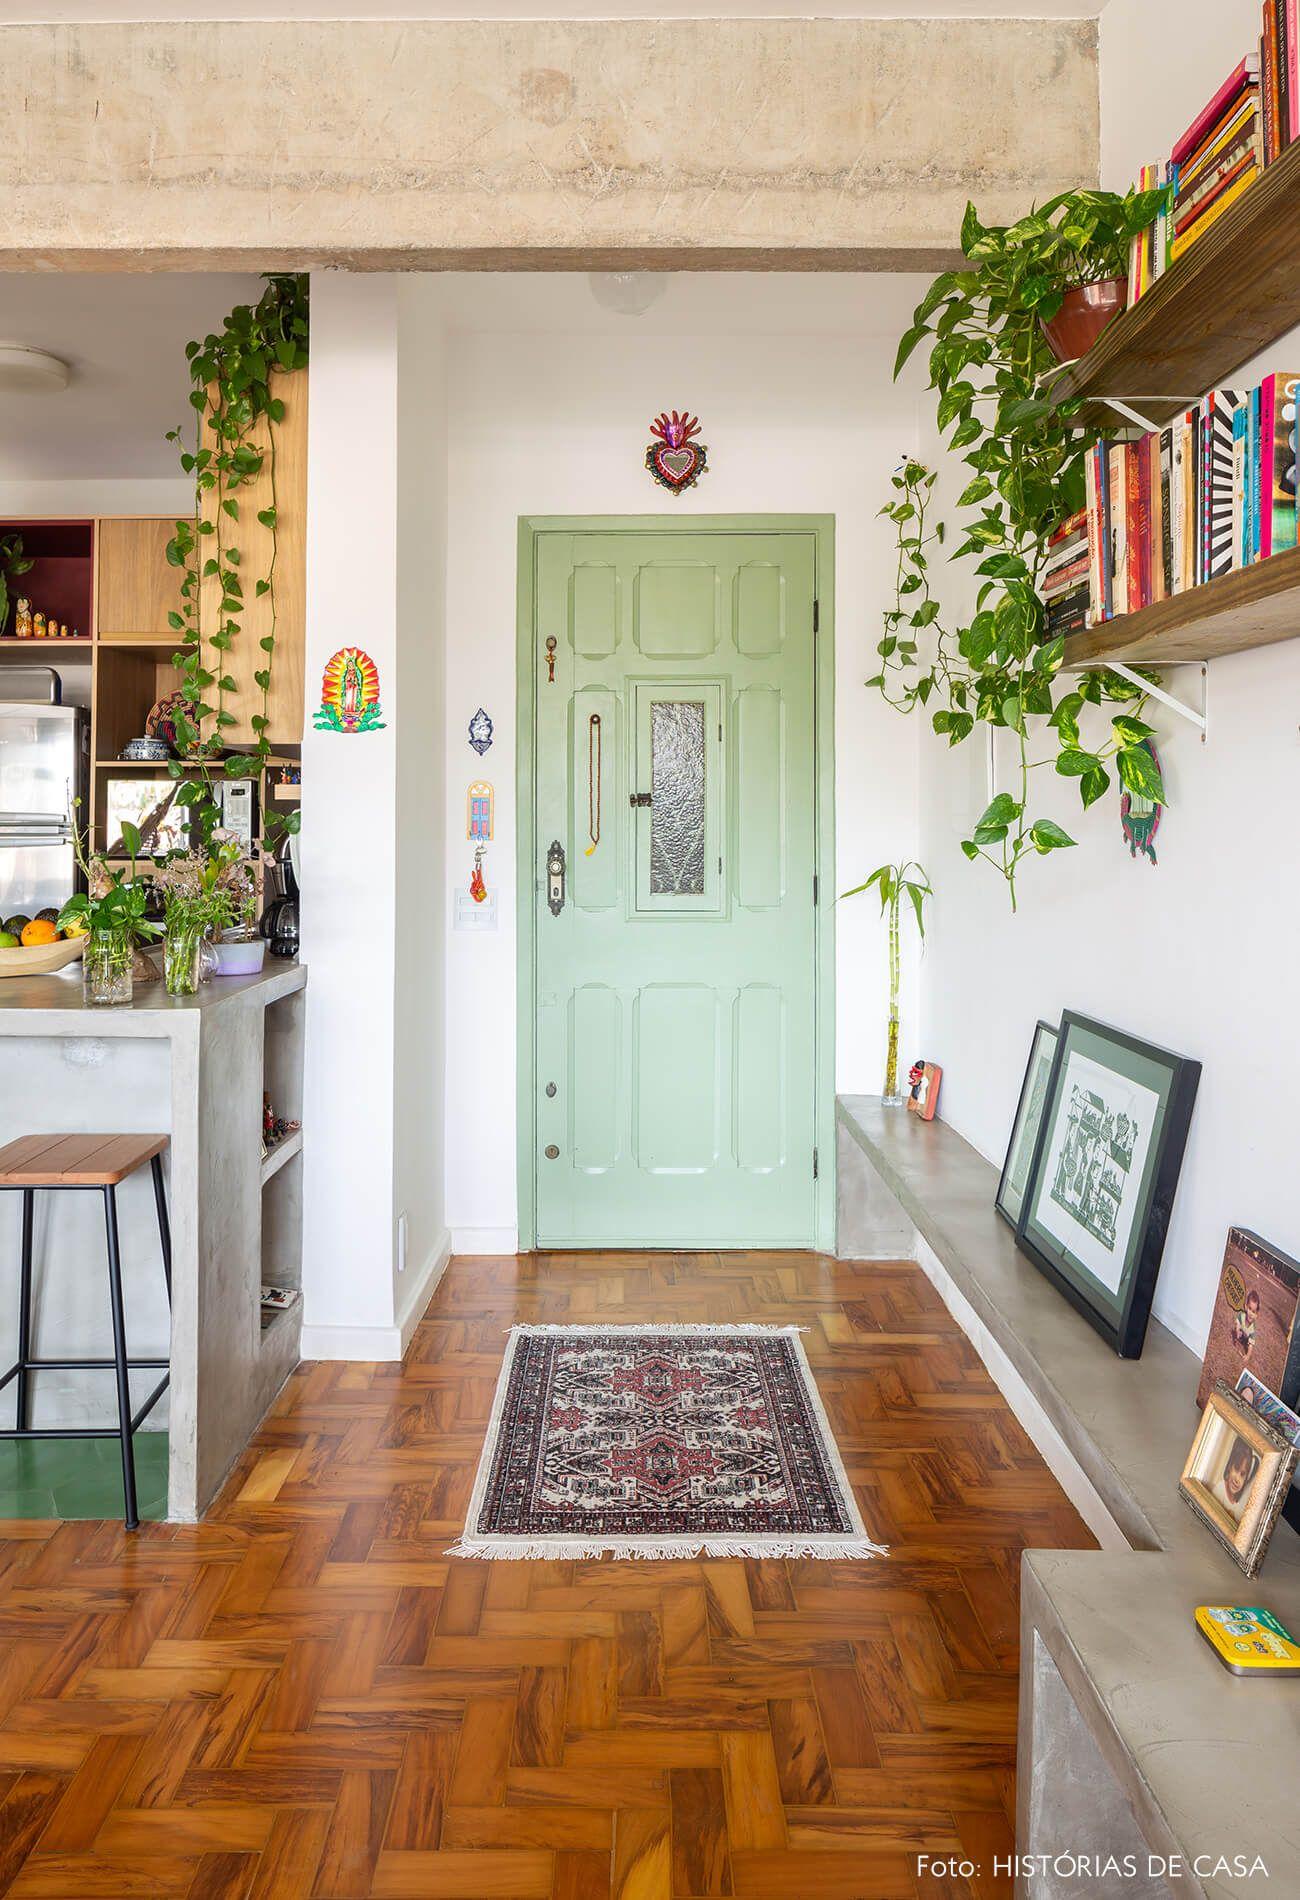 Apartamento colorido com clima étnico tem estruturas de concreto, porta de entrada pintada de verde e muitas plantas.  | A colorful apartment that looks like a house with indian, mexican and brazilian items, concrete and plants.